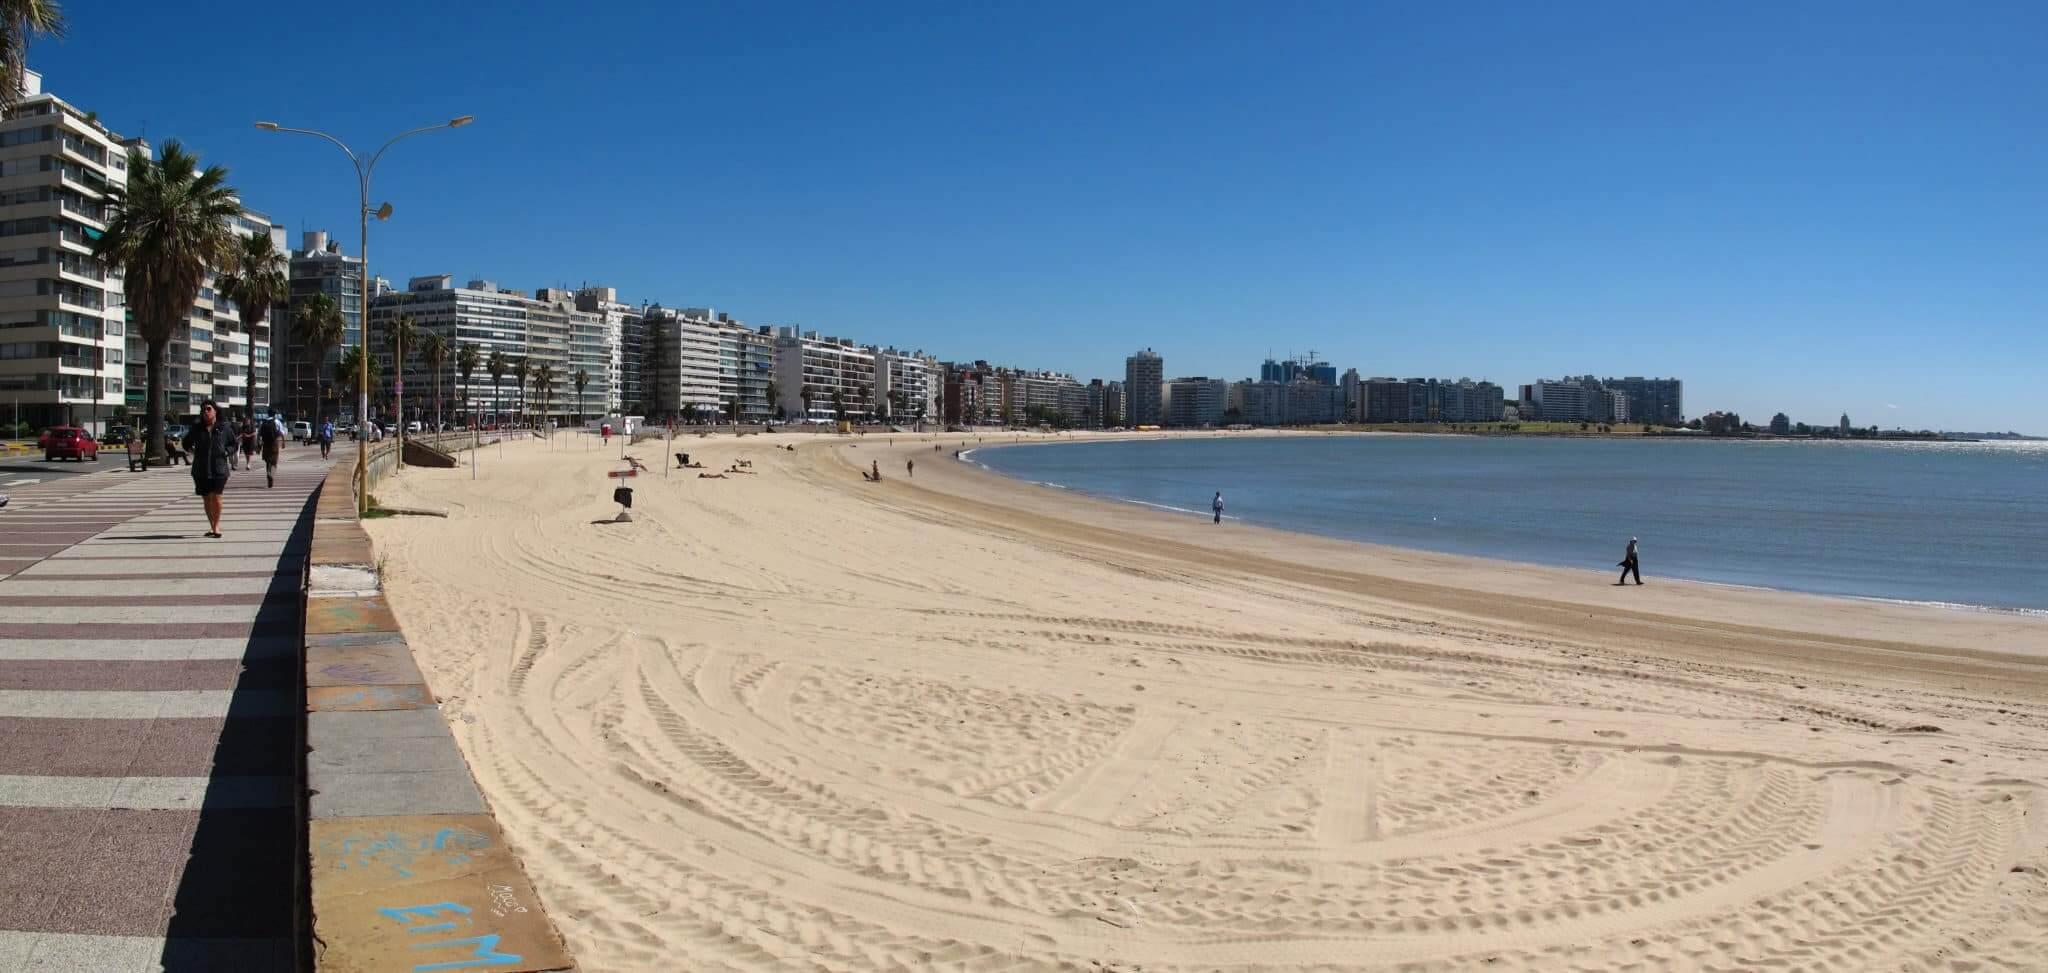 Onde ficar em Montevidéu: Pocitos - Playa de los Pocitos